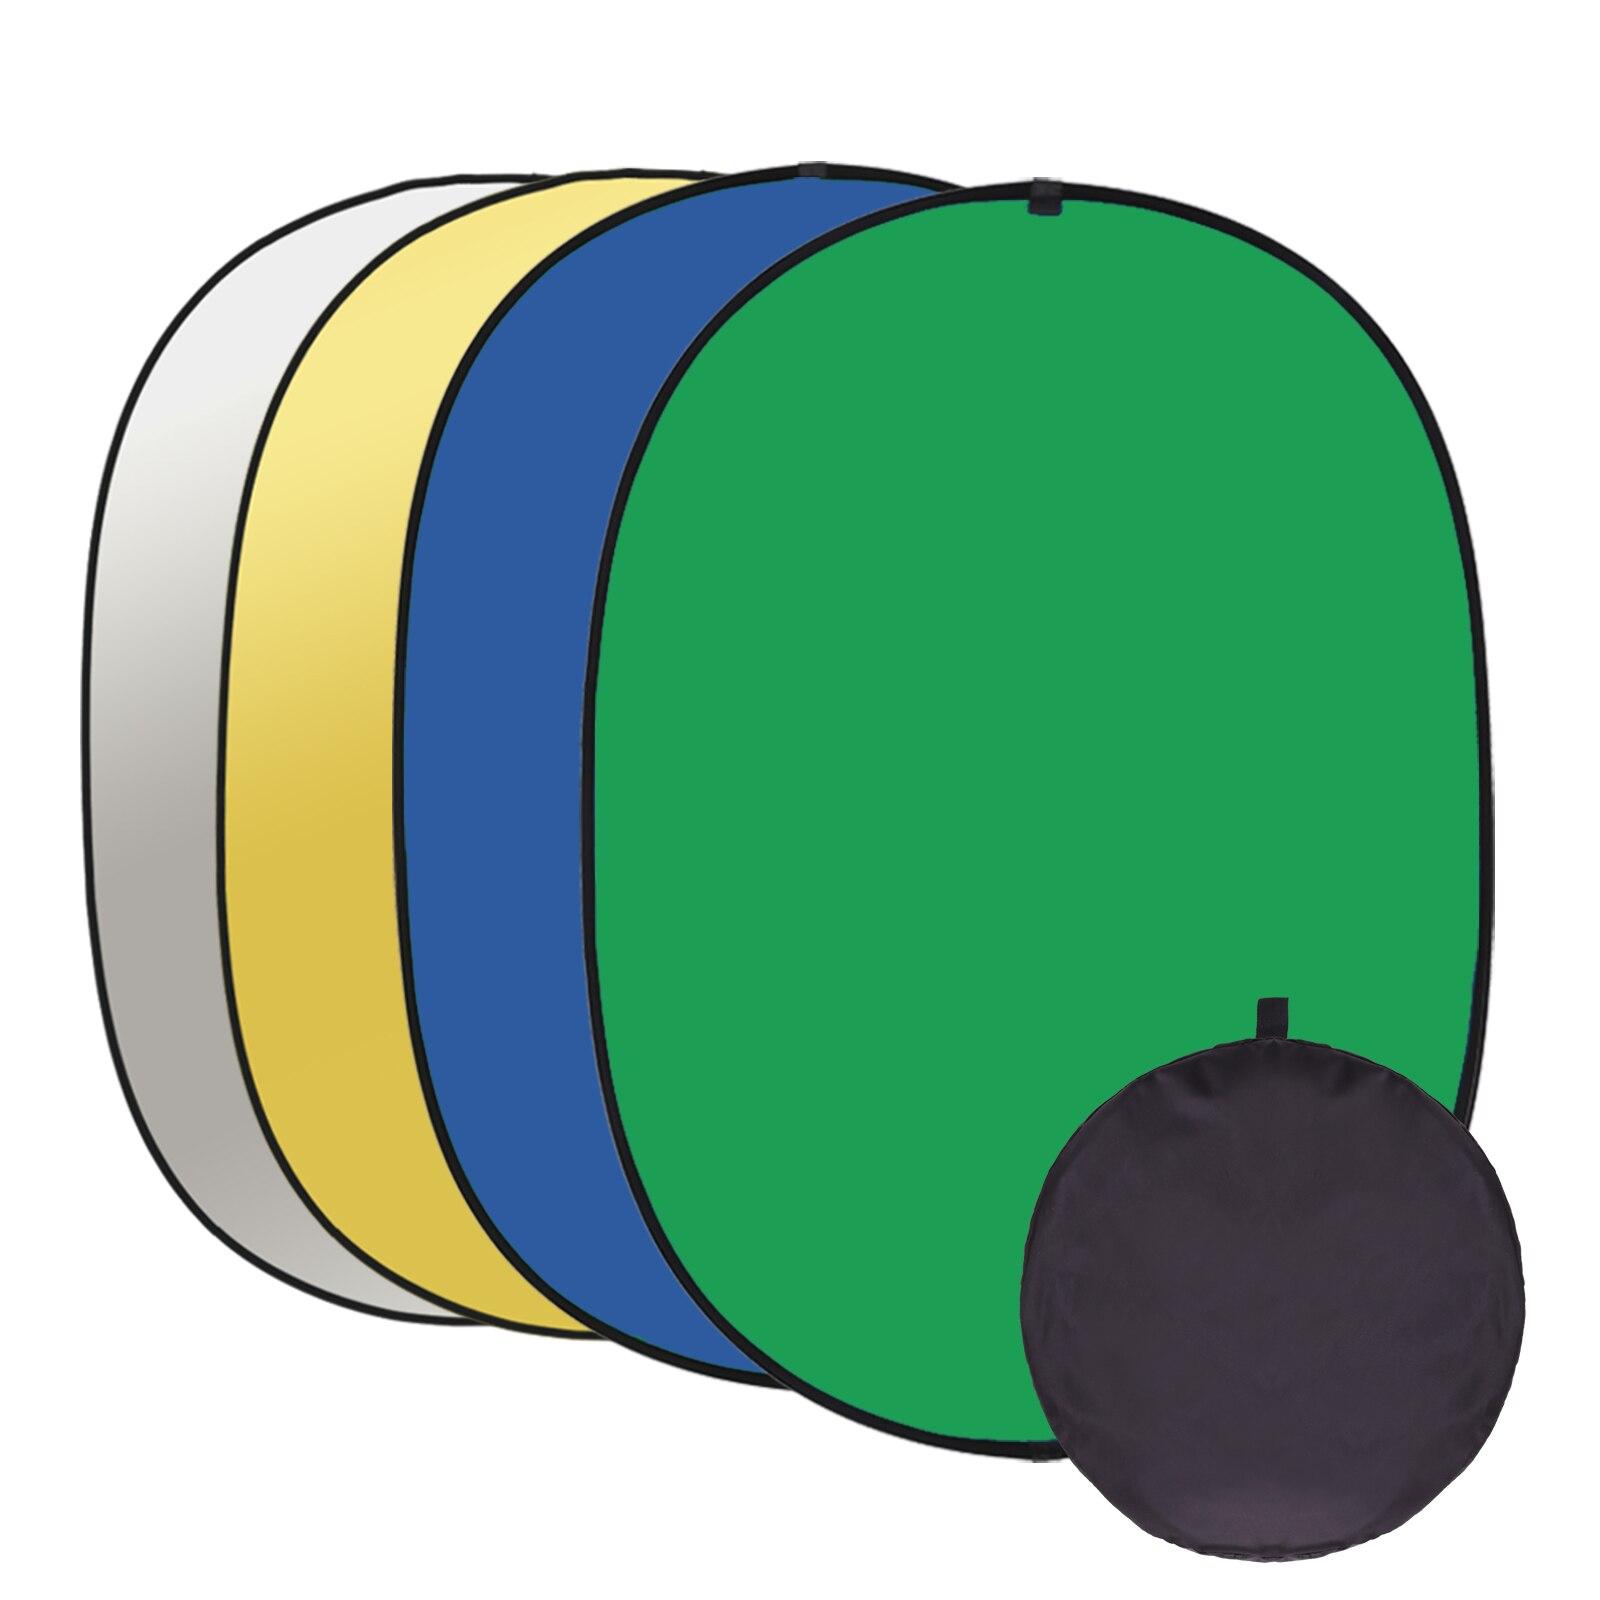 150x15 0 см/200 x см фон для фотосъемки хромакей зеленый синий экран портативный складной Реверсивный фон для фотостудии